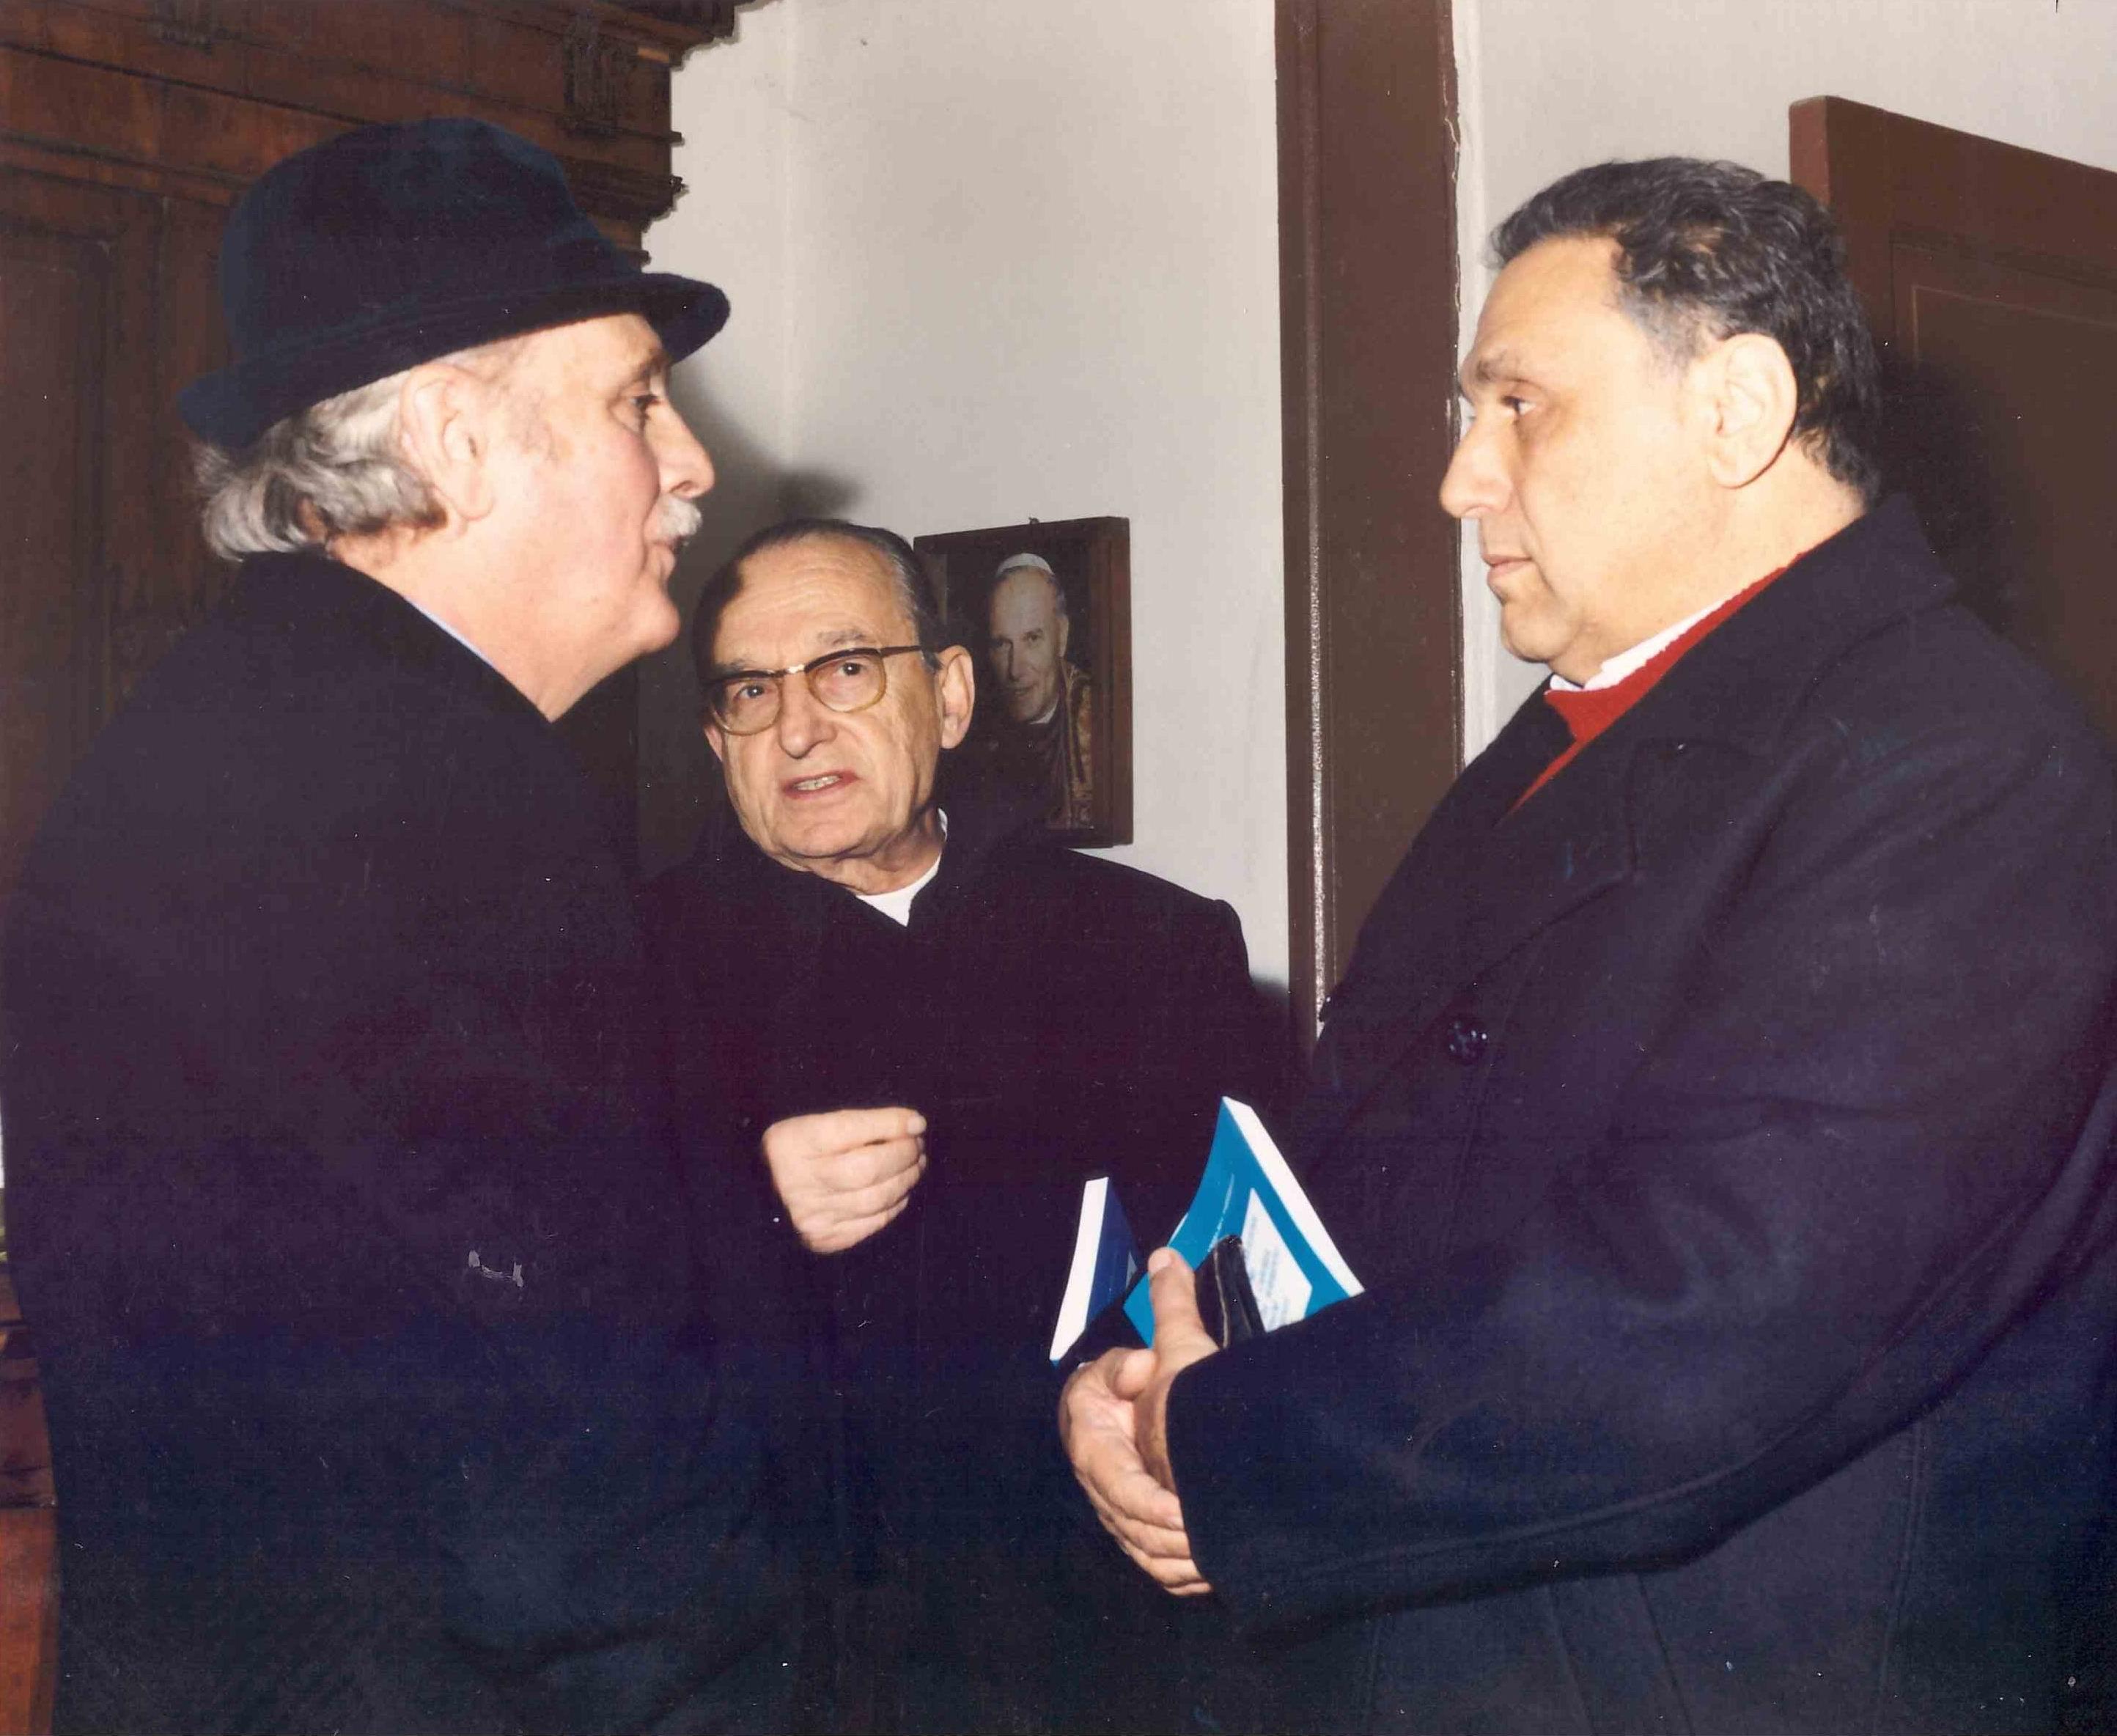 Anno 1992 - il dott. Giovanni Celoro Parascandolo, donReschigg e l'avv. Cannavale (foto gentilmente concessa dall'avv. Enzo Cannavale)